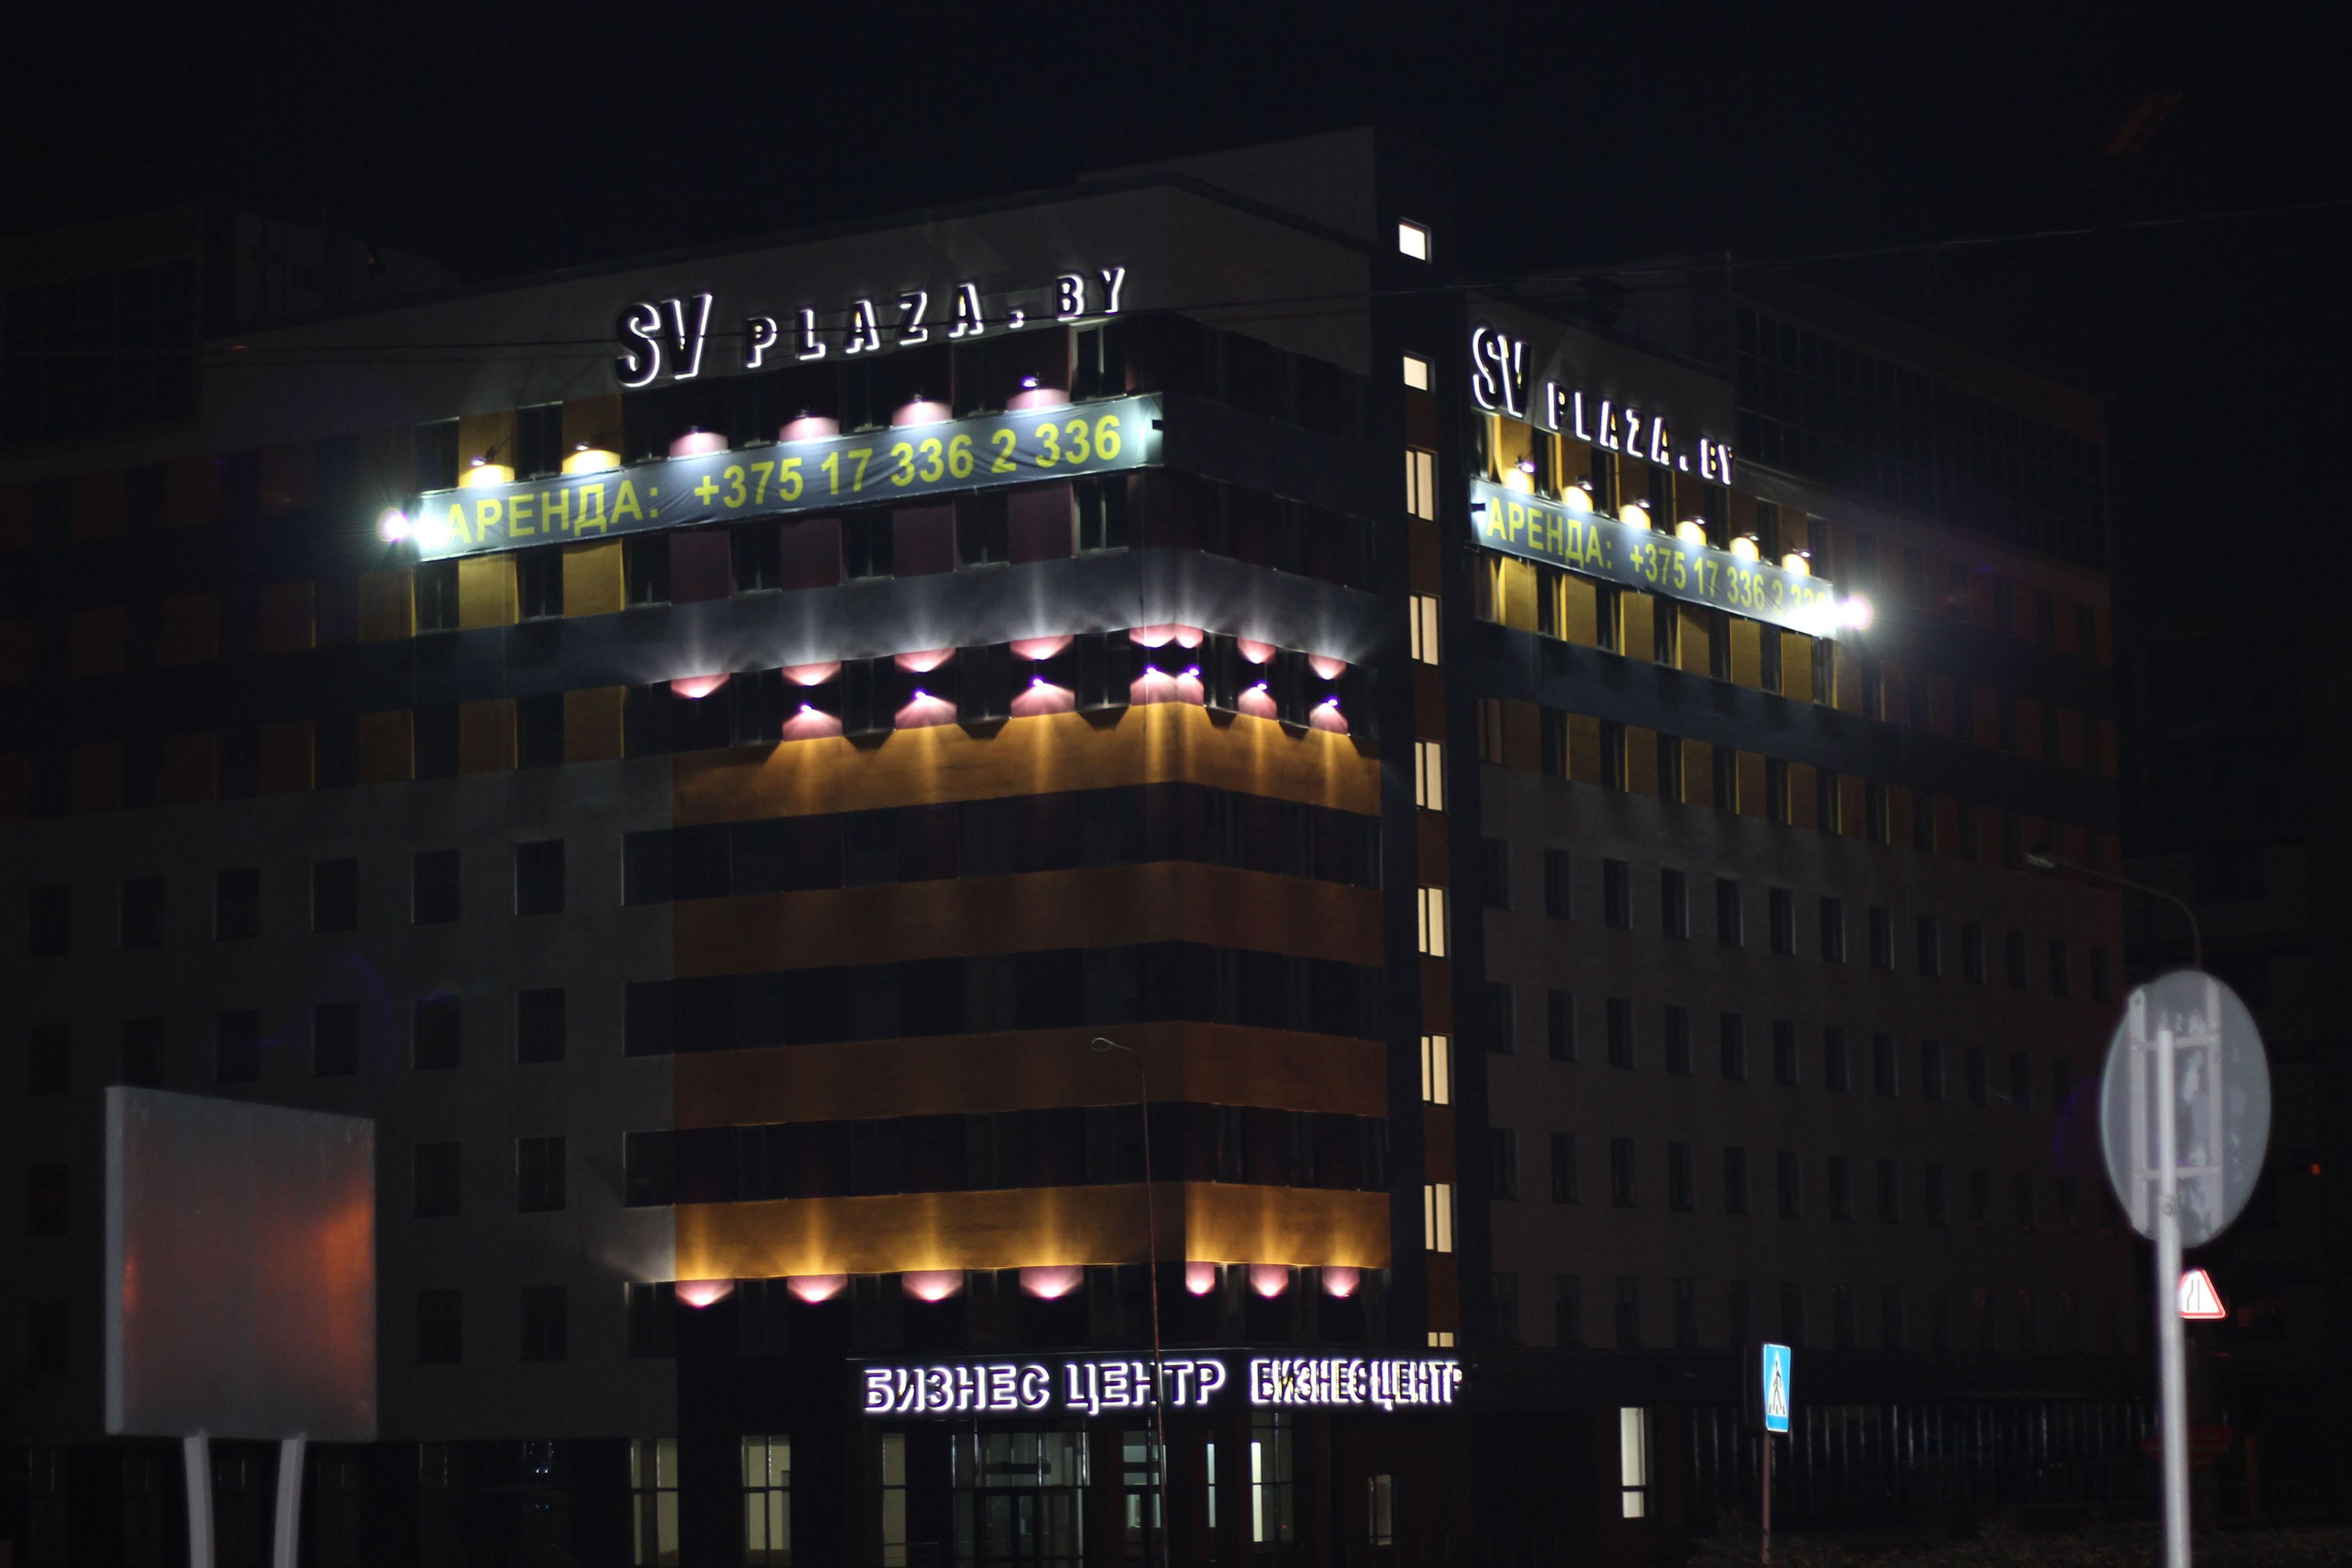 Буквы из нержавеющей стали для вывески бизнес-центра